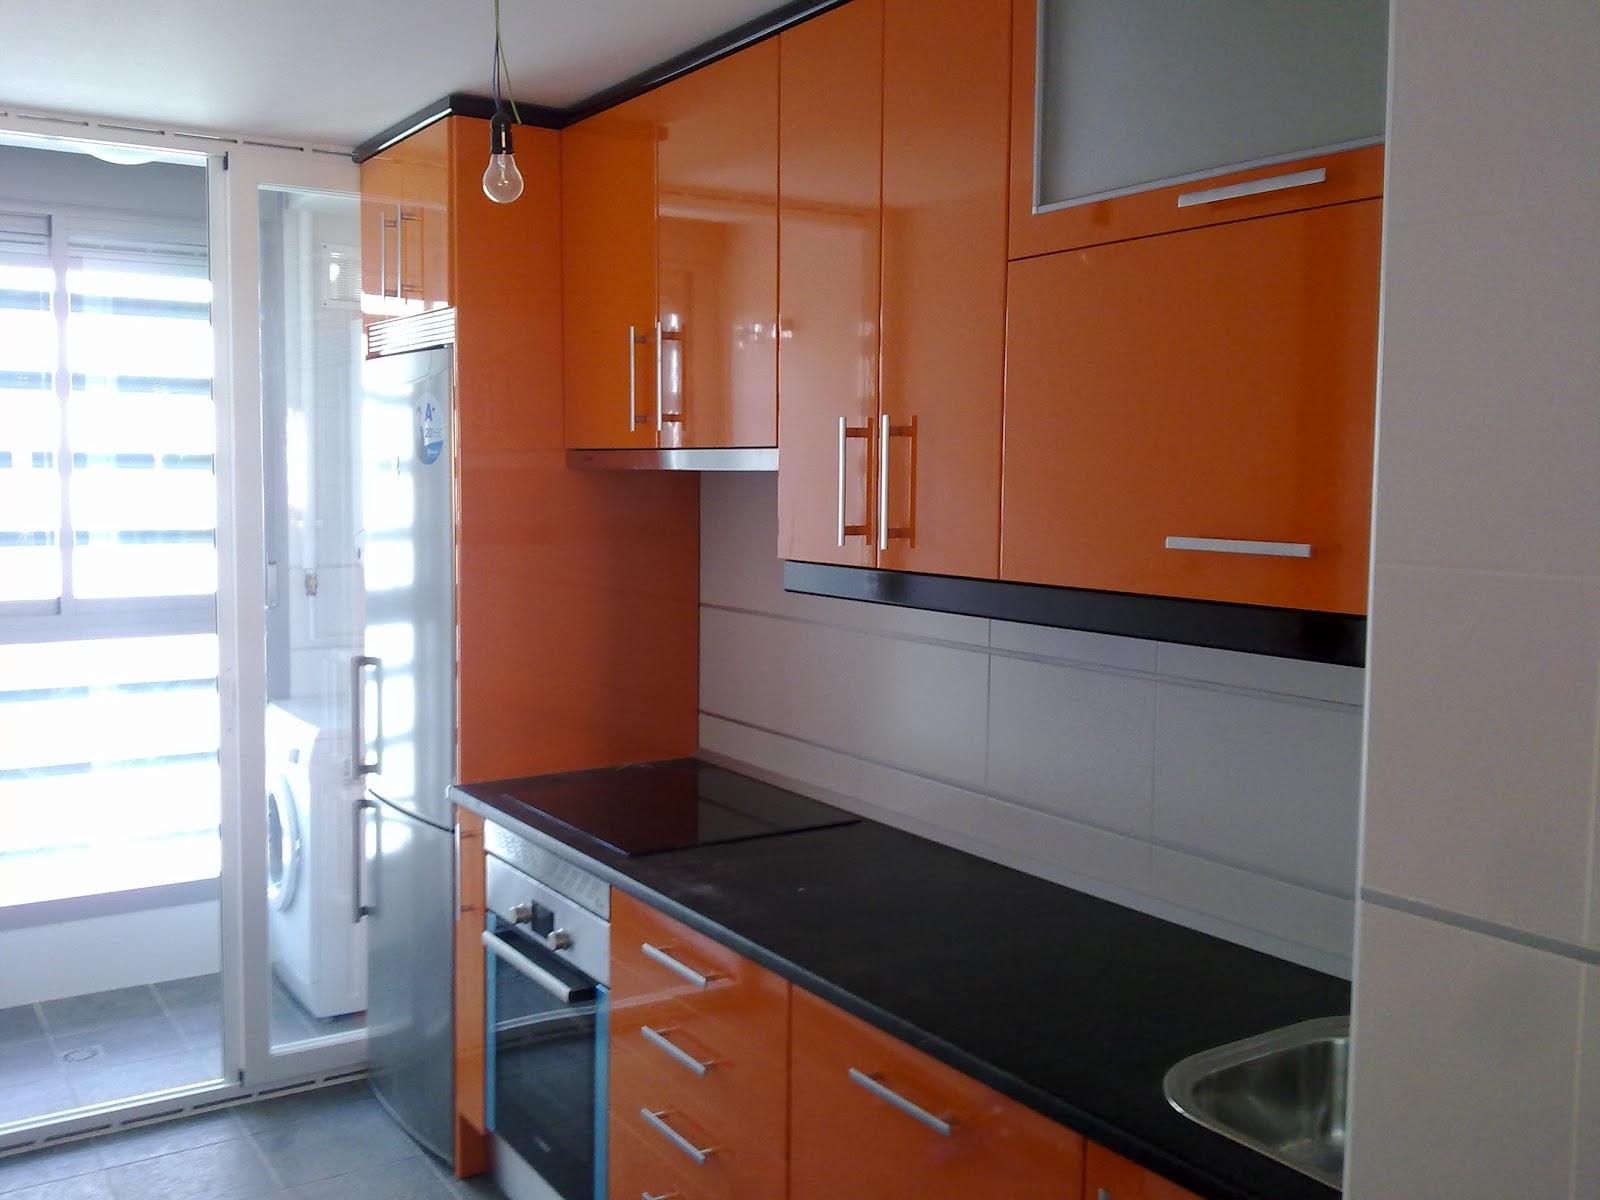 Laminado alto brillo naranja remates y encimera negro cocinas ayz eurolar madrid - Lamiplast cocinas ...